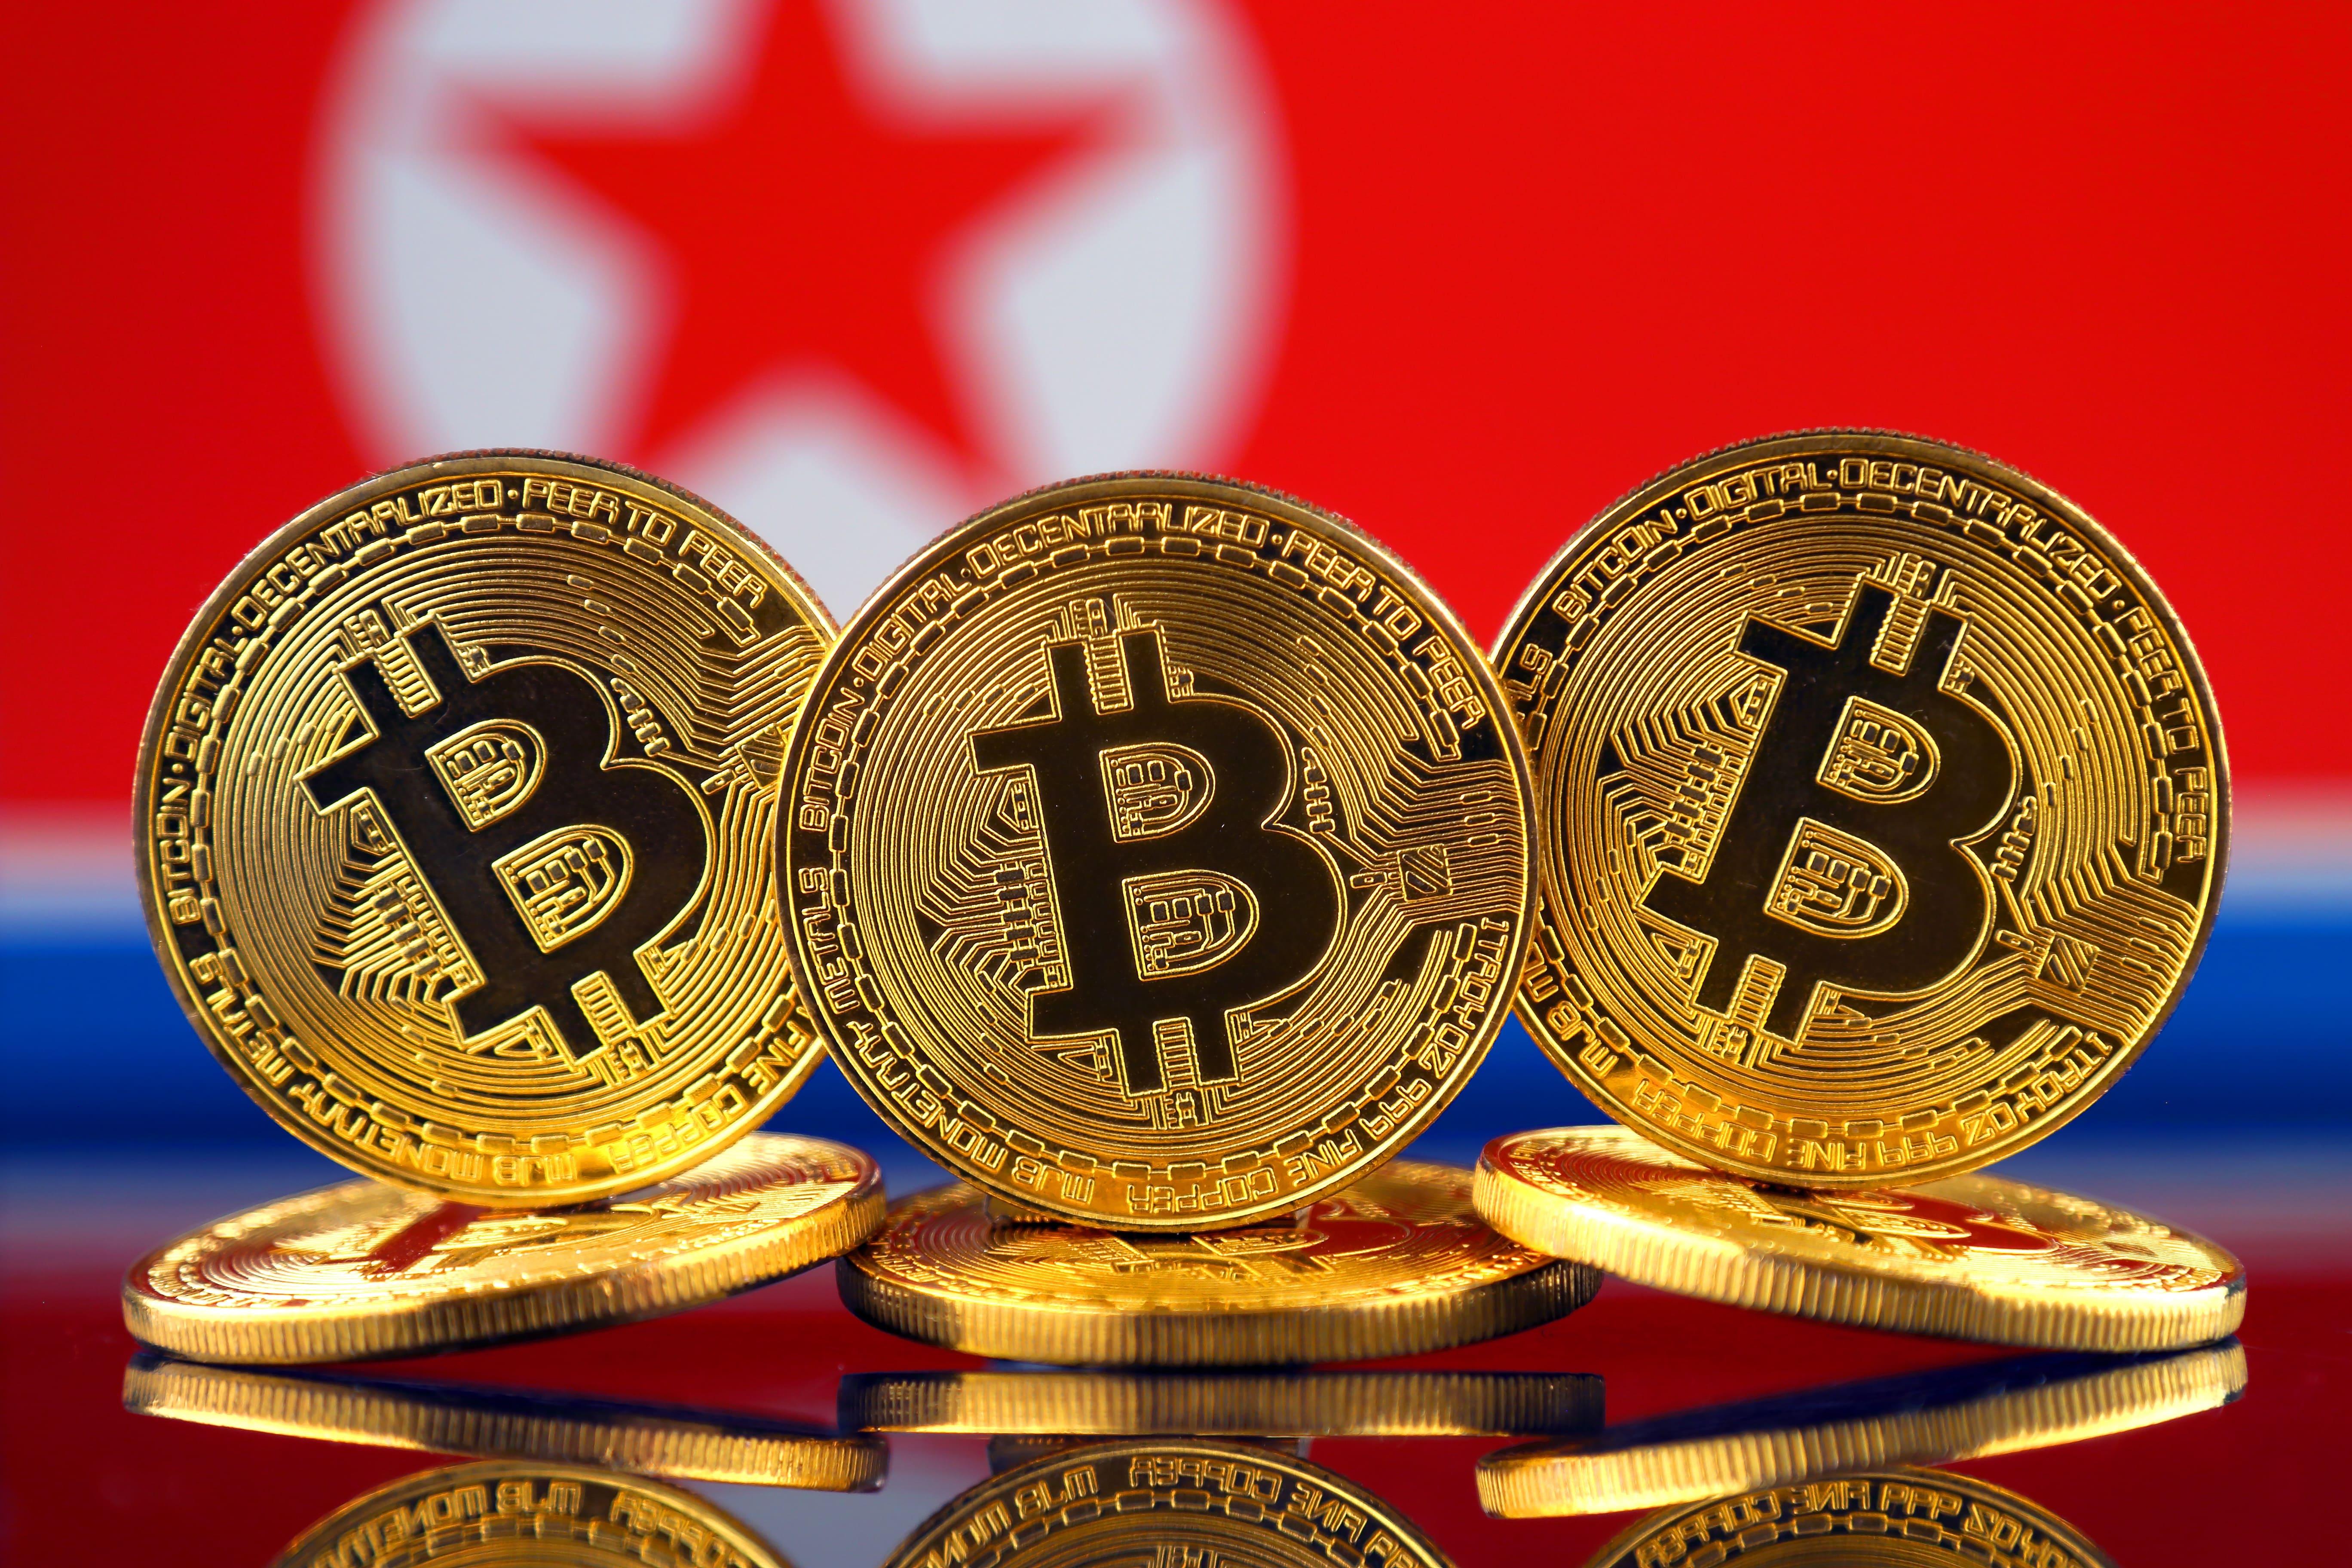 Золотые монеты Биткоин, Bitcoin, 5472 на 3648 пикселей